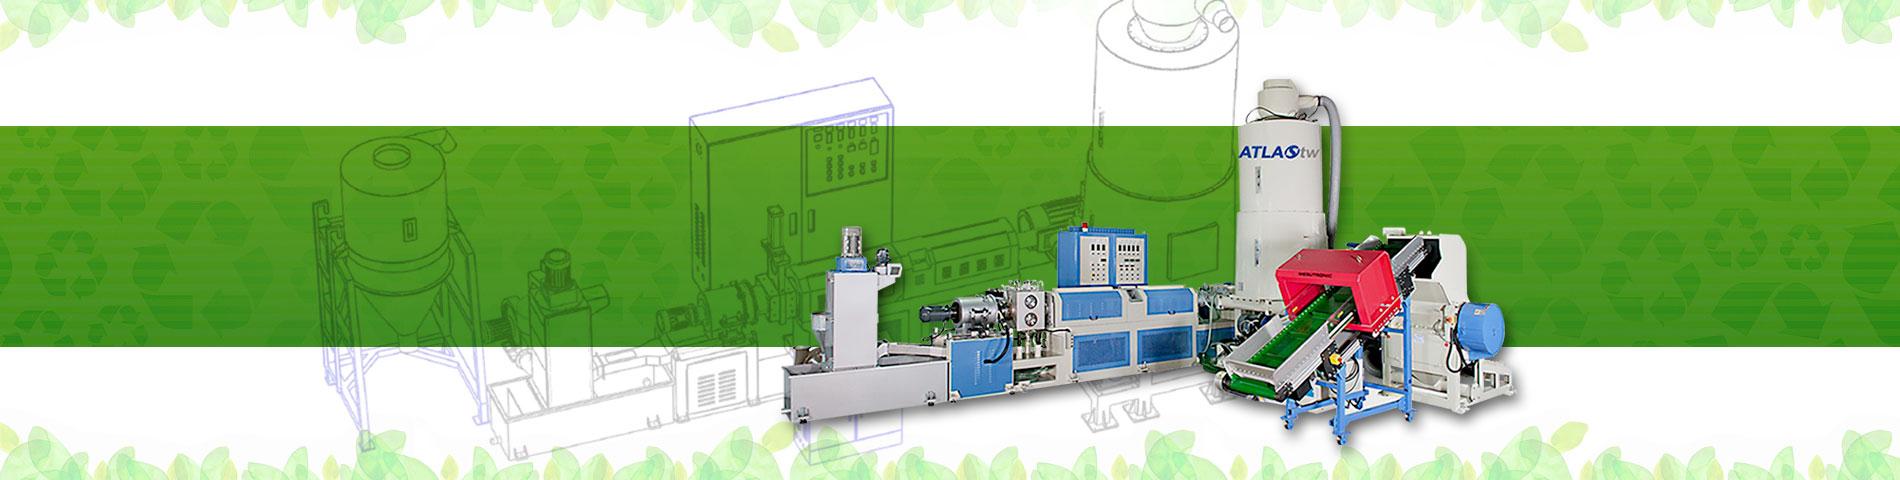 WPFサイドスクリューフィーダ   リサイクルとペレット化   機械